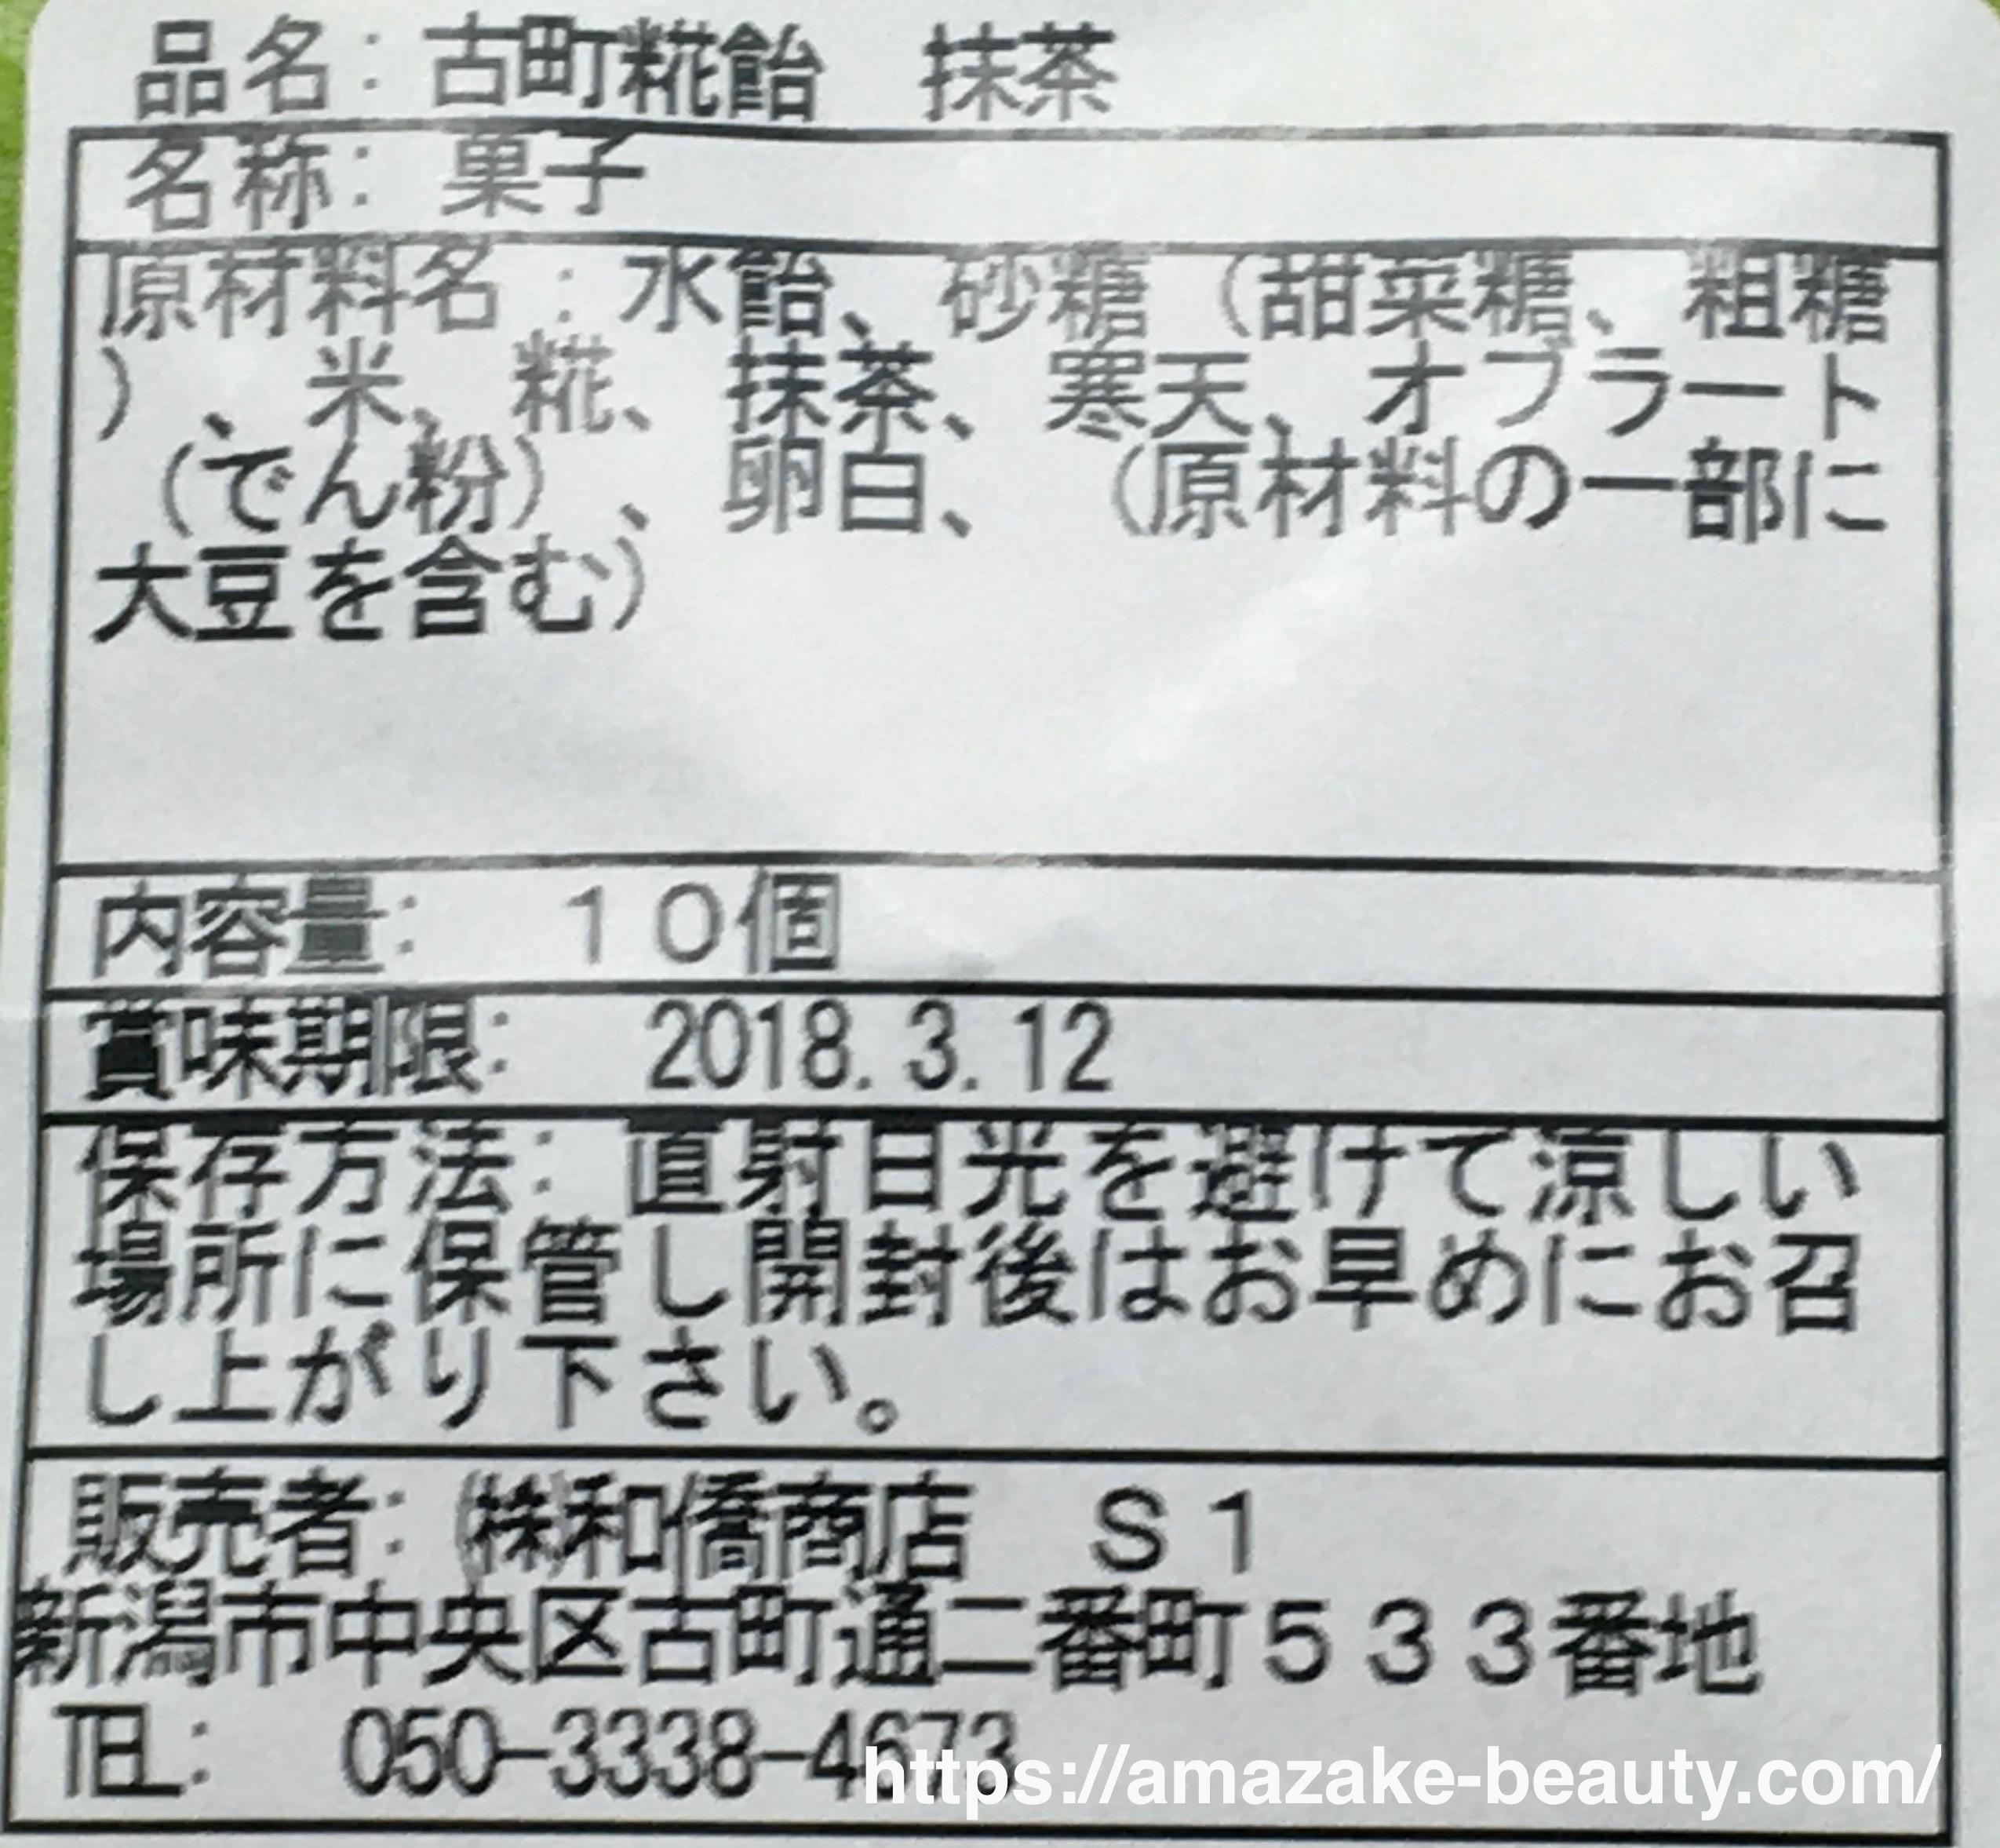 【甘酒甘味】古町糀製造所『古町糀飴(抹茶)』(商品情報)